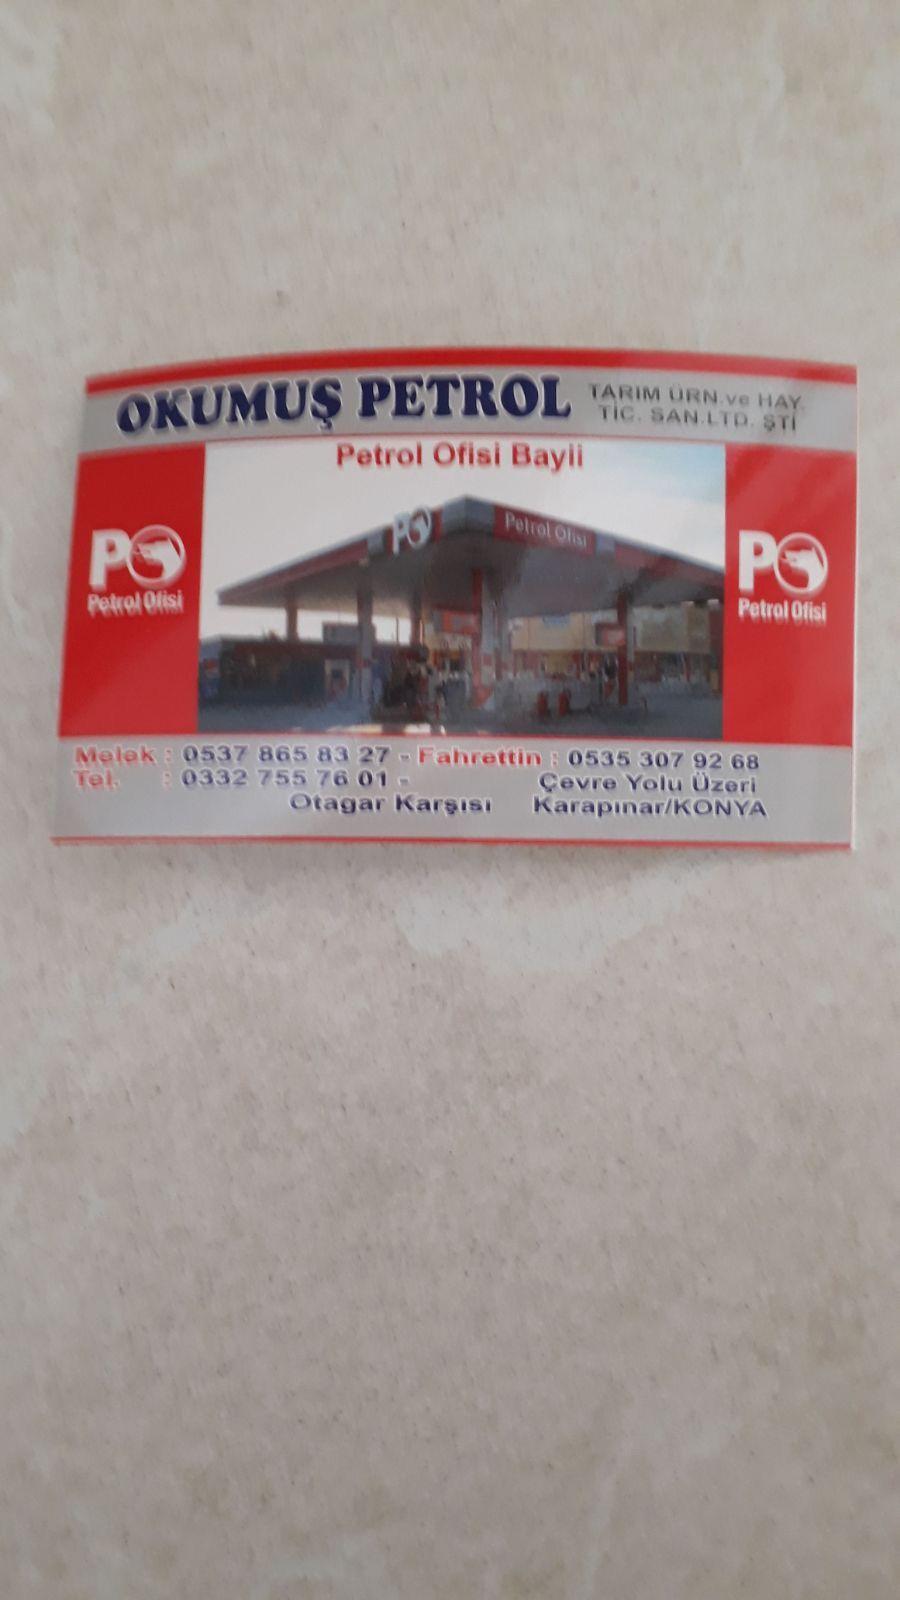 Okumuş Petrol